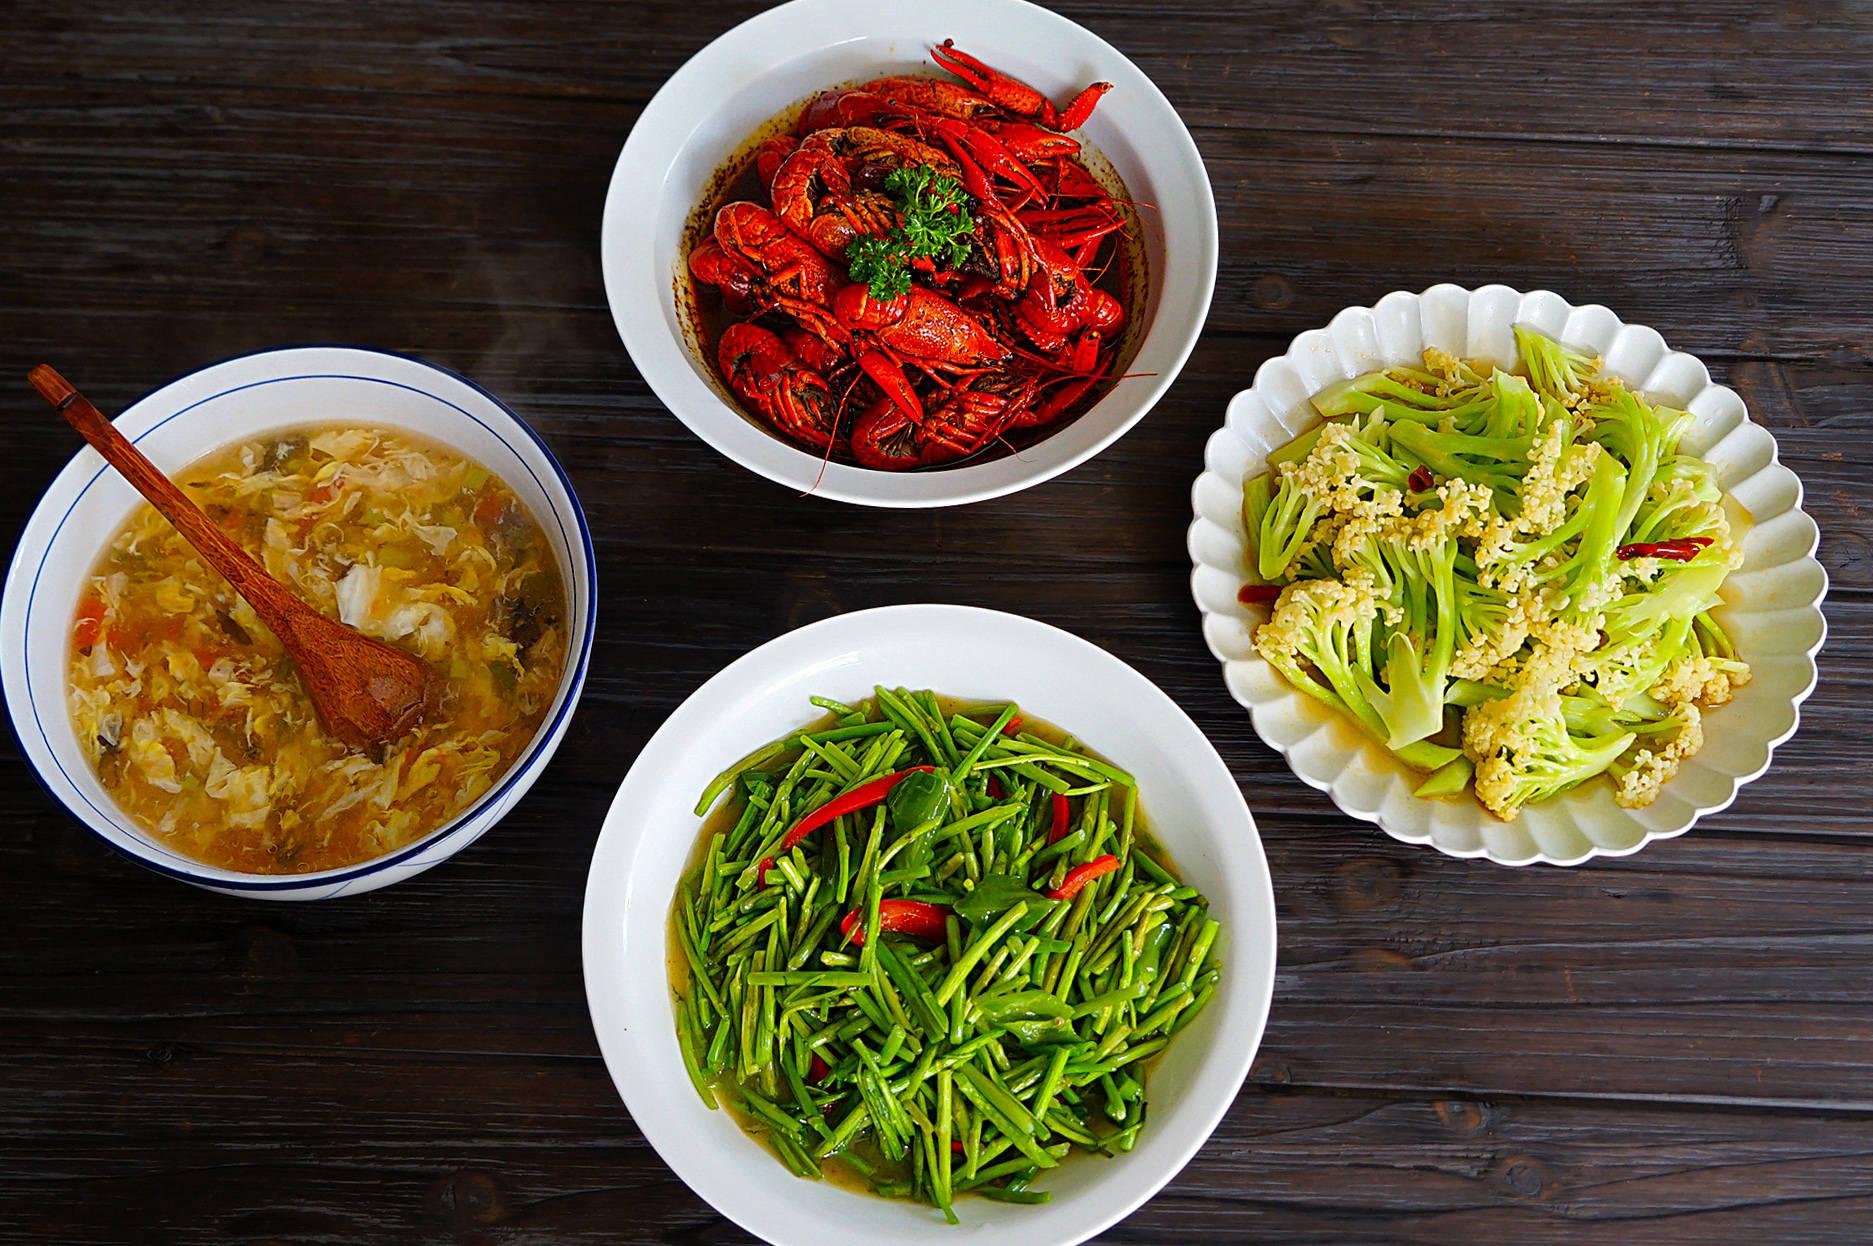 晒晒一家三口人的午餐,简单3菜1汤吃得一滴不剩,拒绝假精致